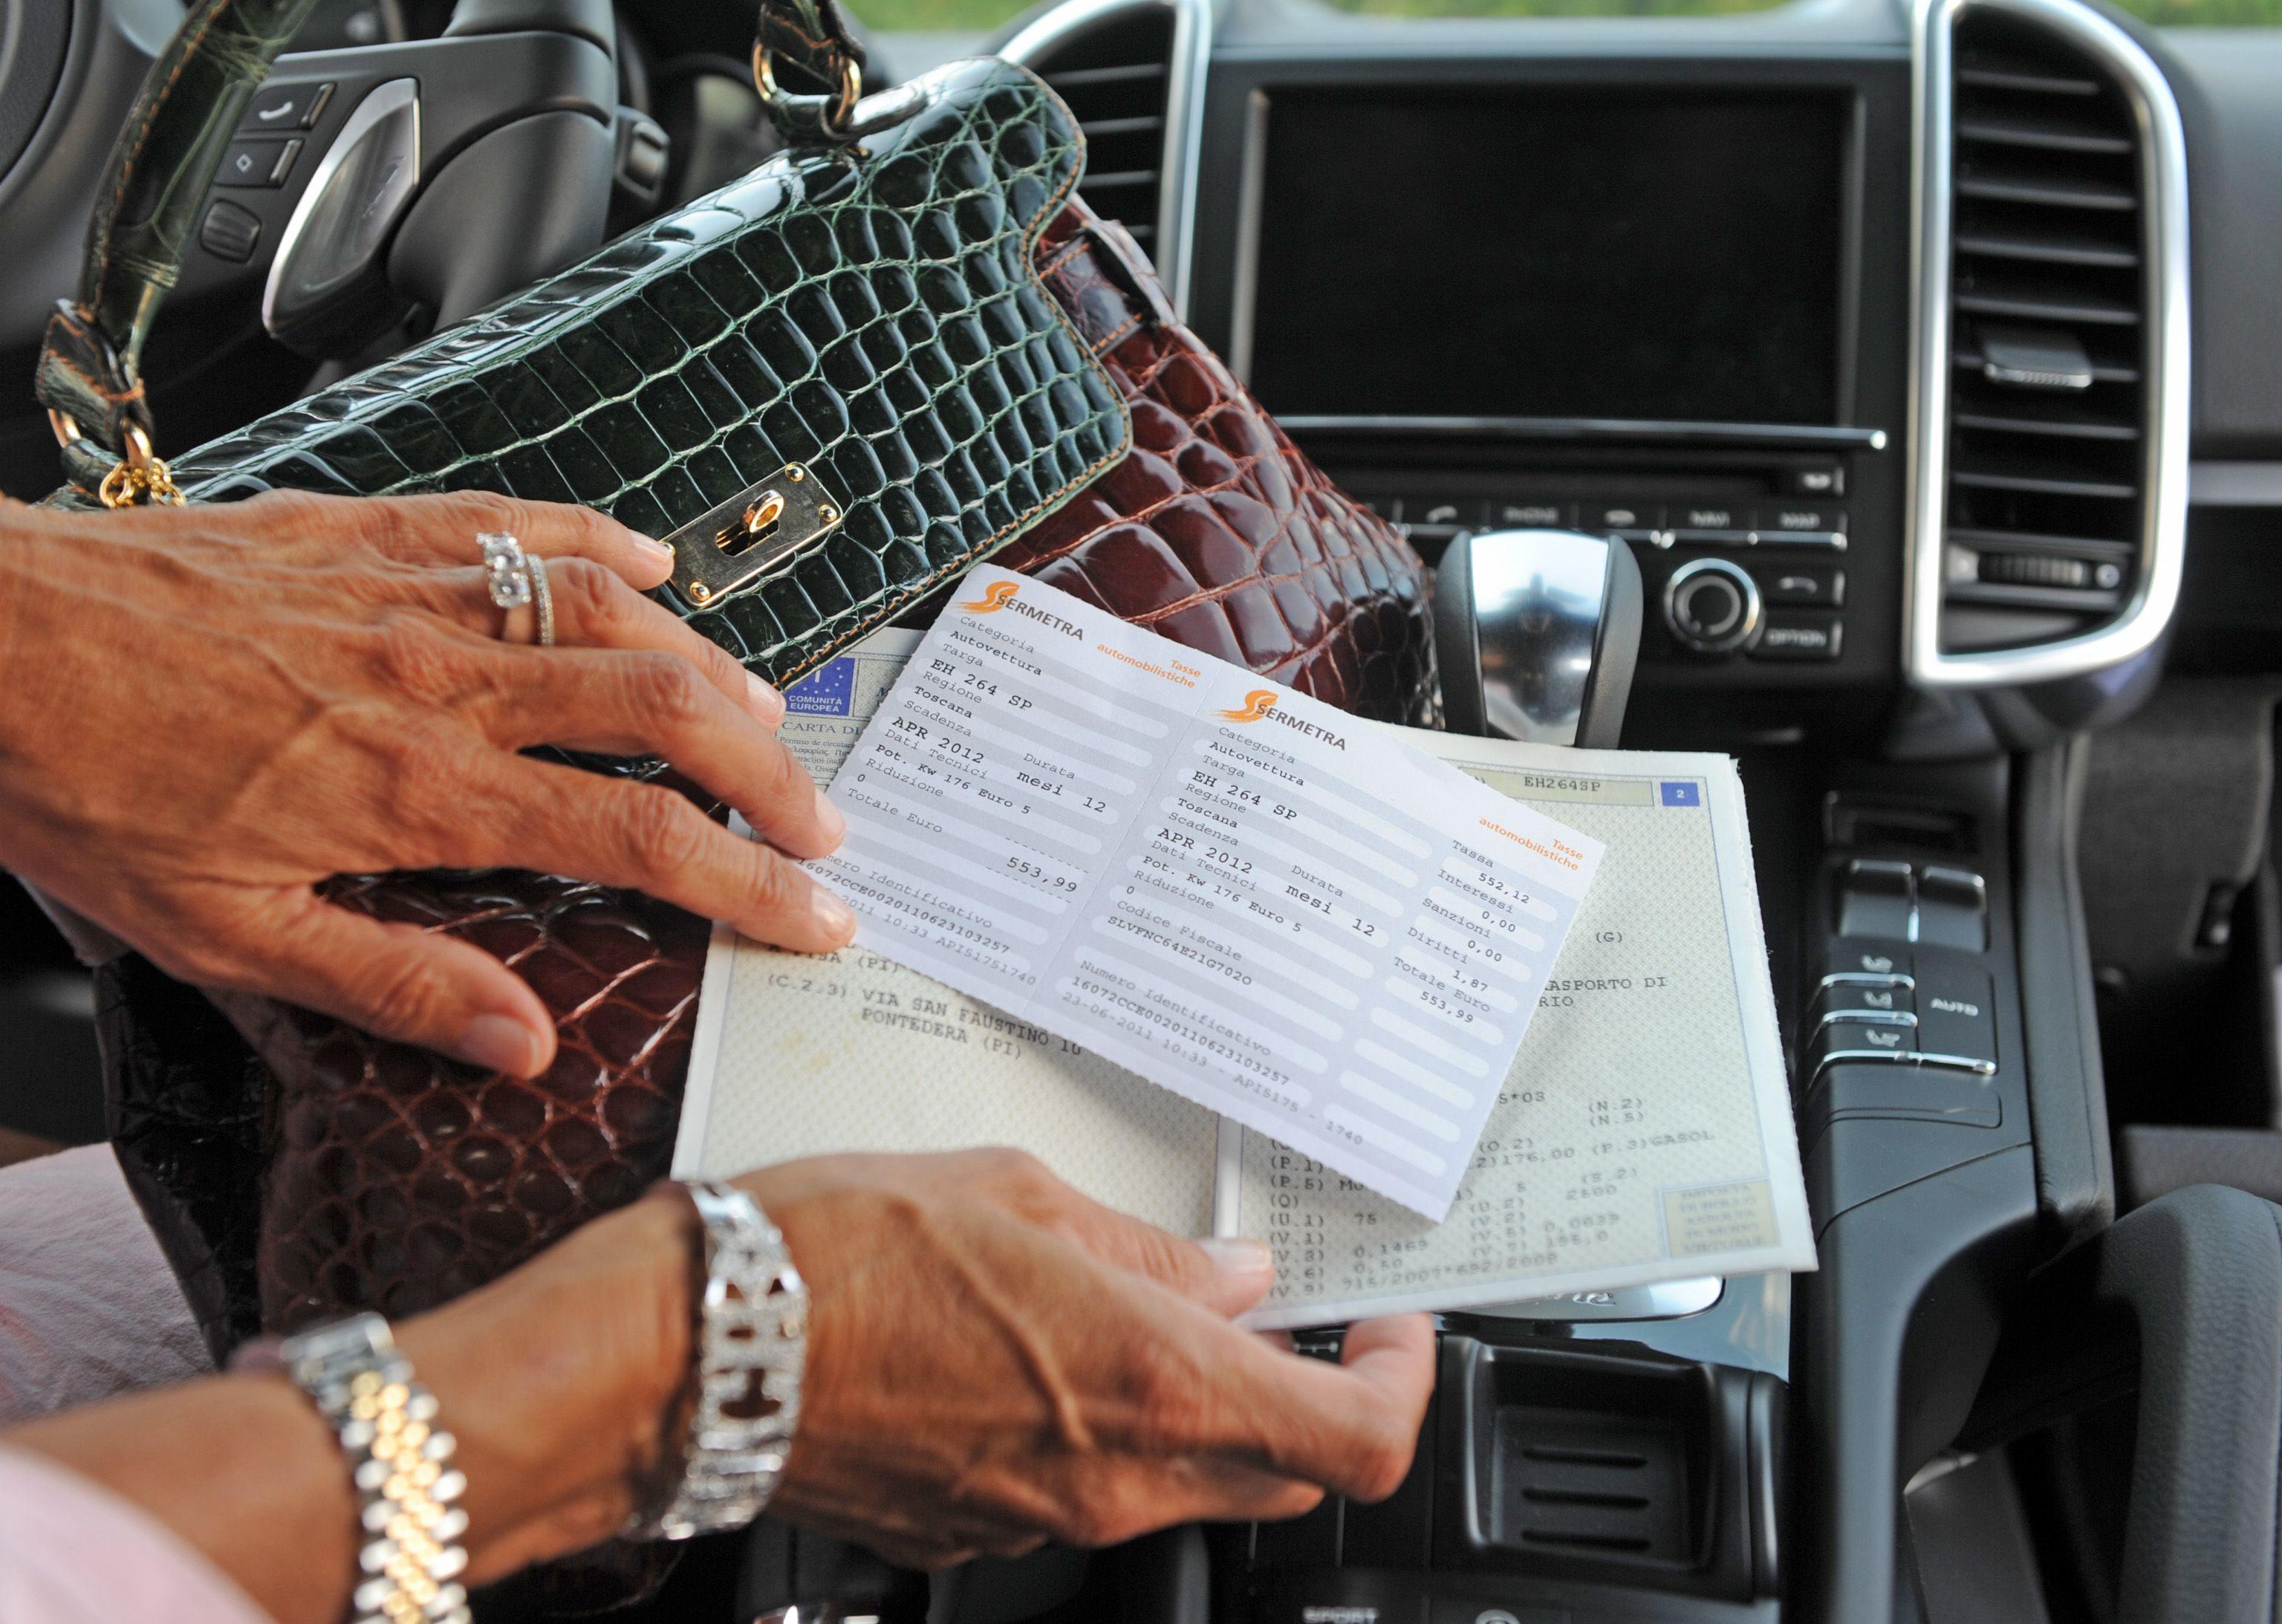 Bollo auto: dopo 3 anni scatta la prescrizione, la Cassazione lo conferma